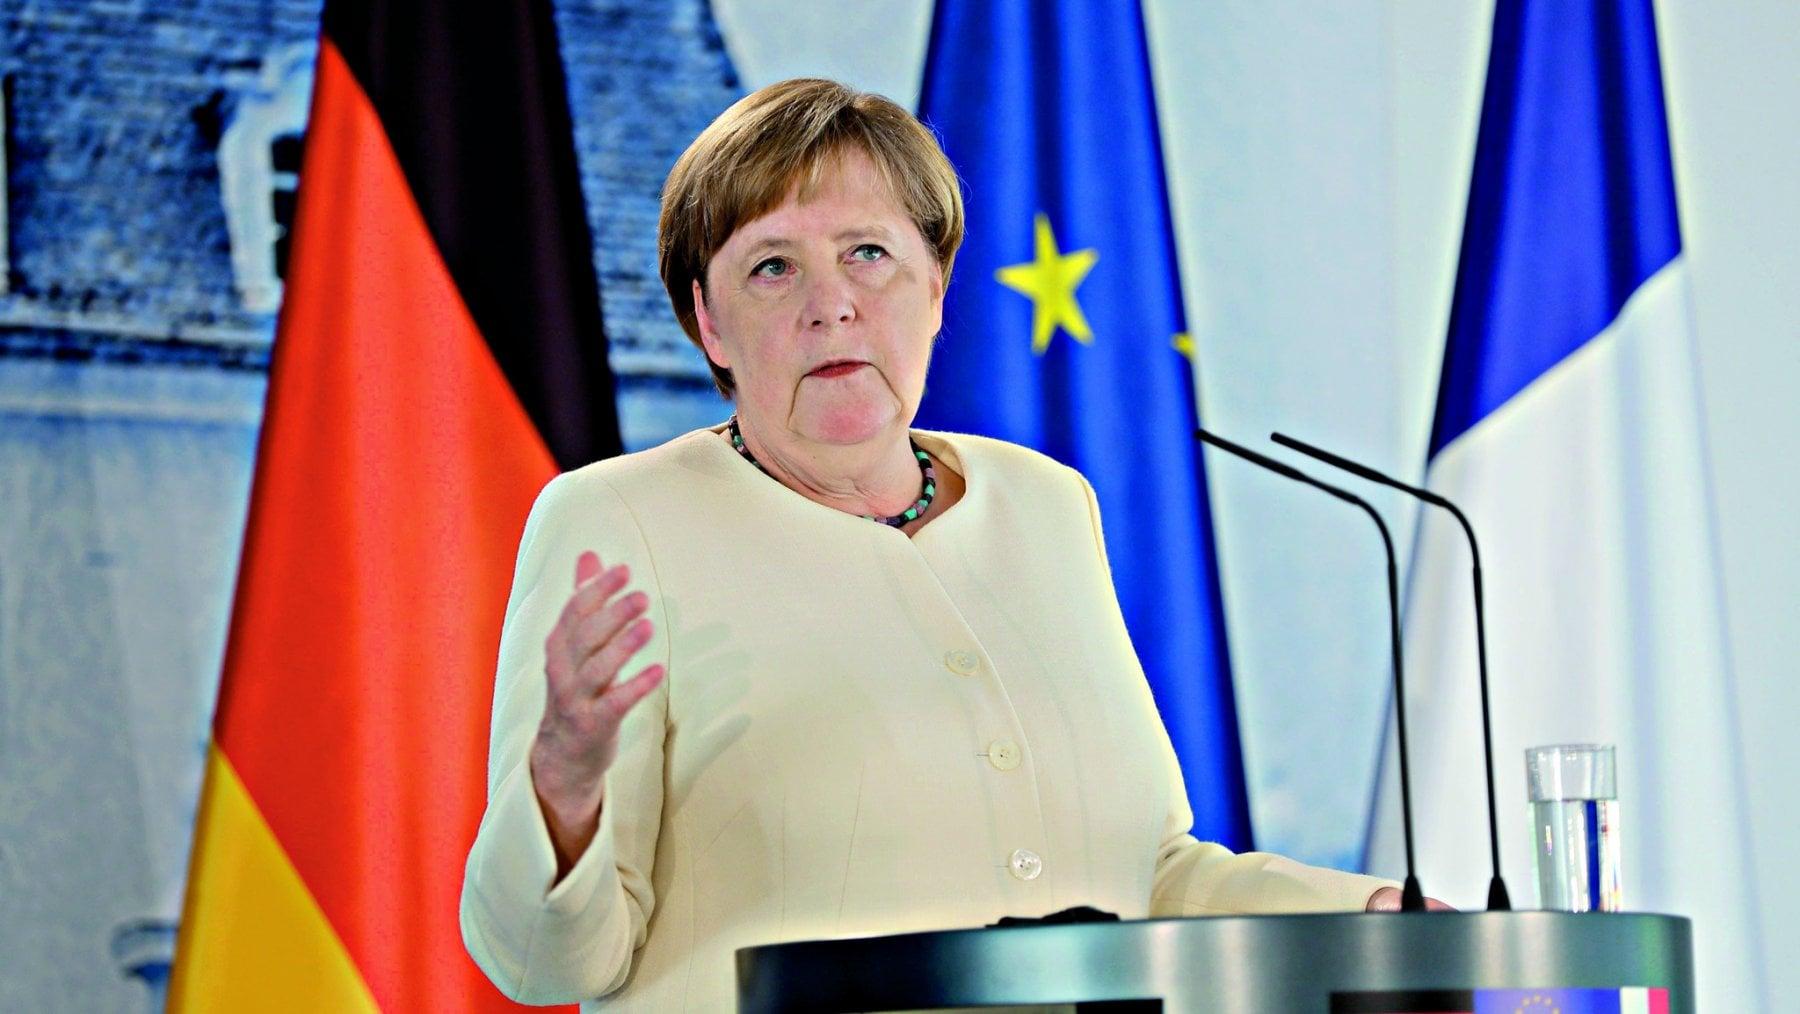 013621179 855346ca 8f9f 420d 8483 c7f29b76ebd3 - Germania, si complica il dopo-Merkel: annullato il congresso della Cdu